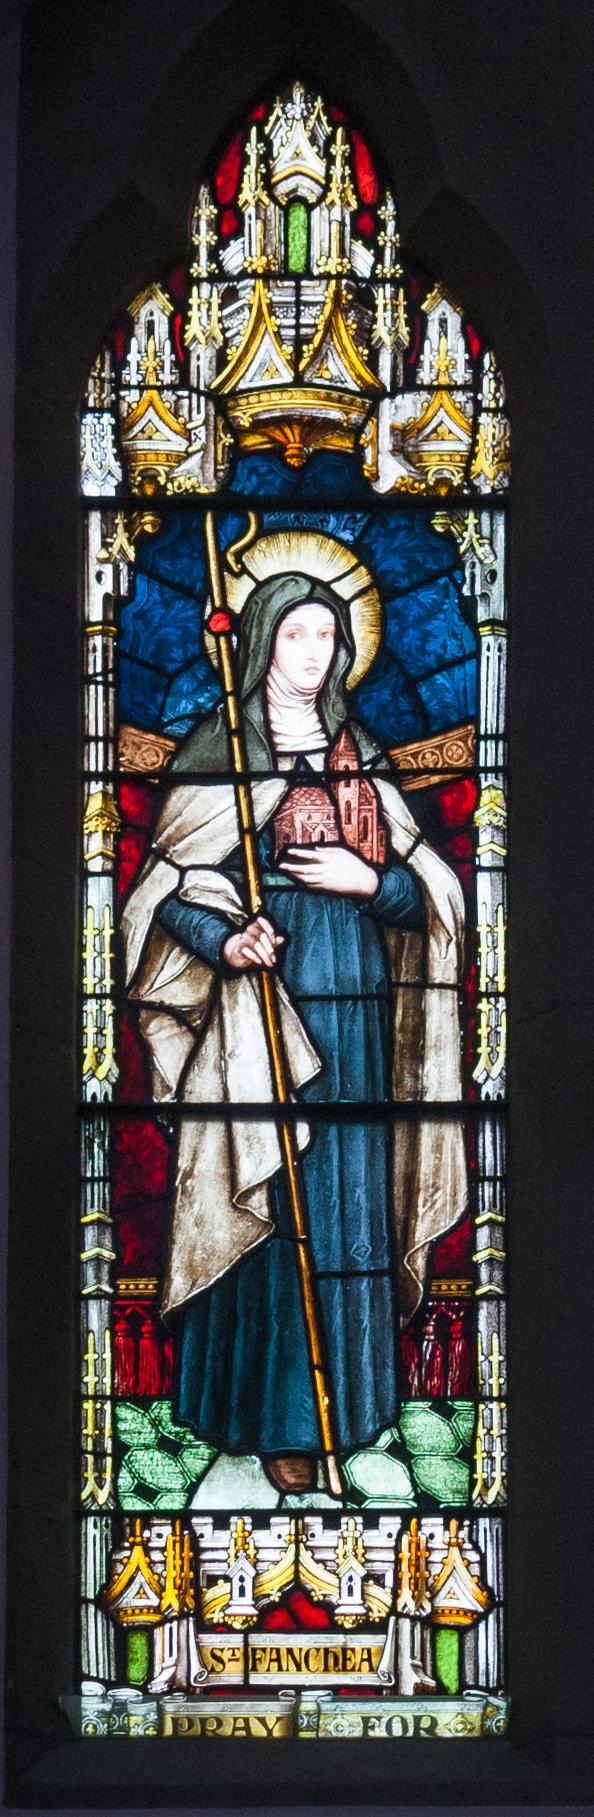 Enniskillen_St._Michael's_Church_East_Aisle_Window_06_Local_Saints_Detail_Saint_Fanchea_2012_09_17